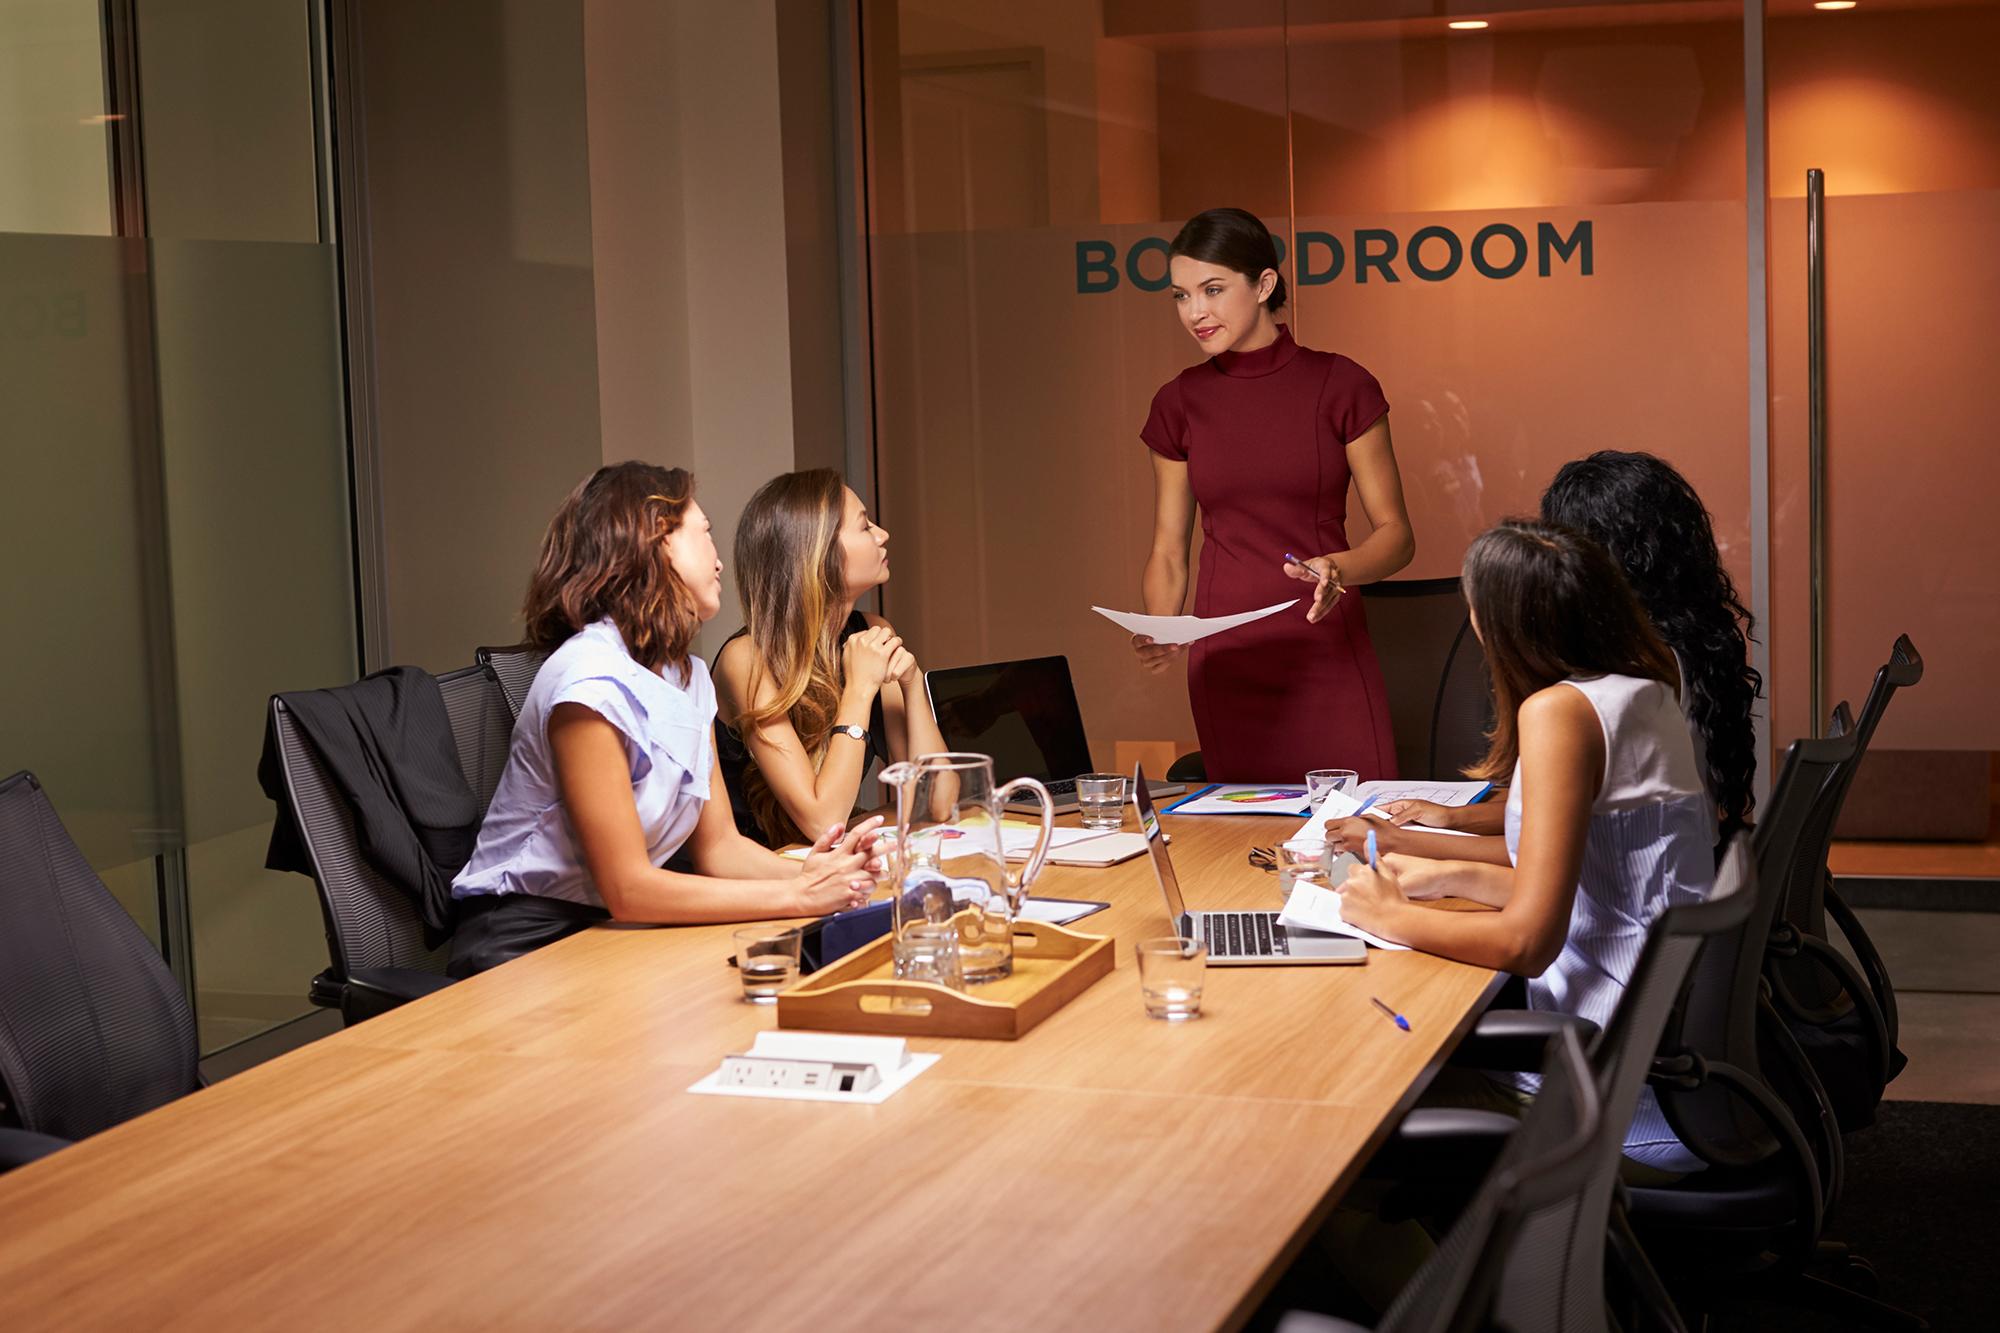 Mujeres y empresas: el empoderamiento femenino es buen negocio